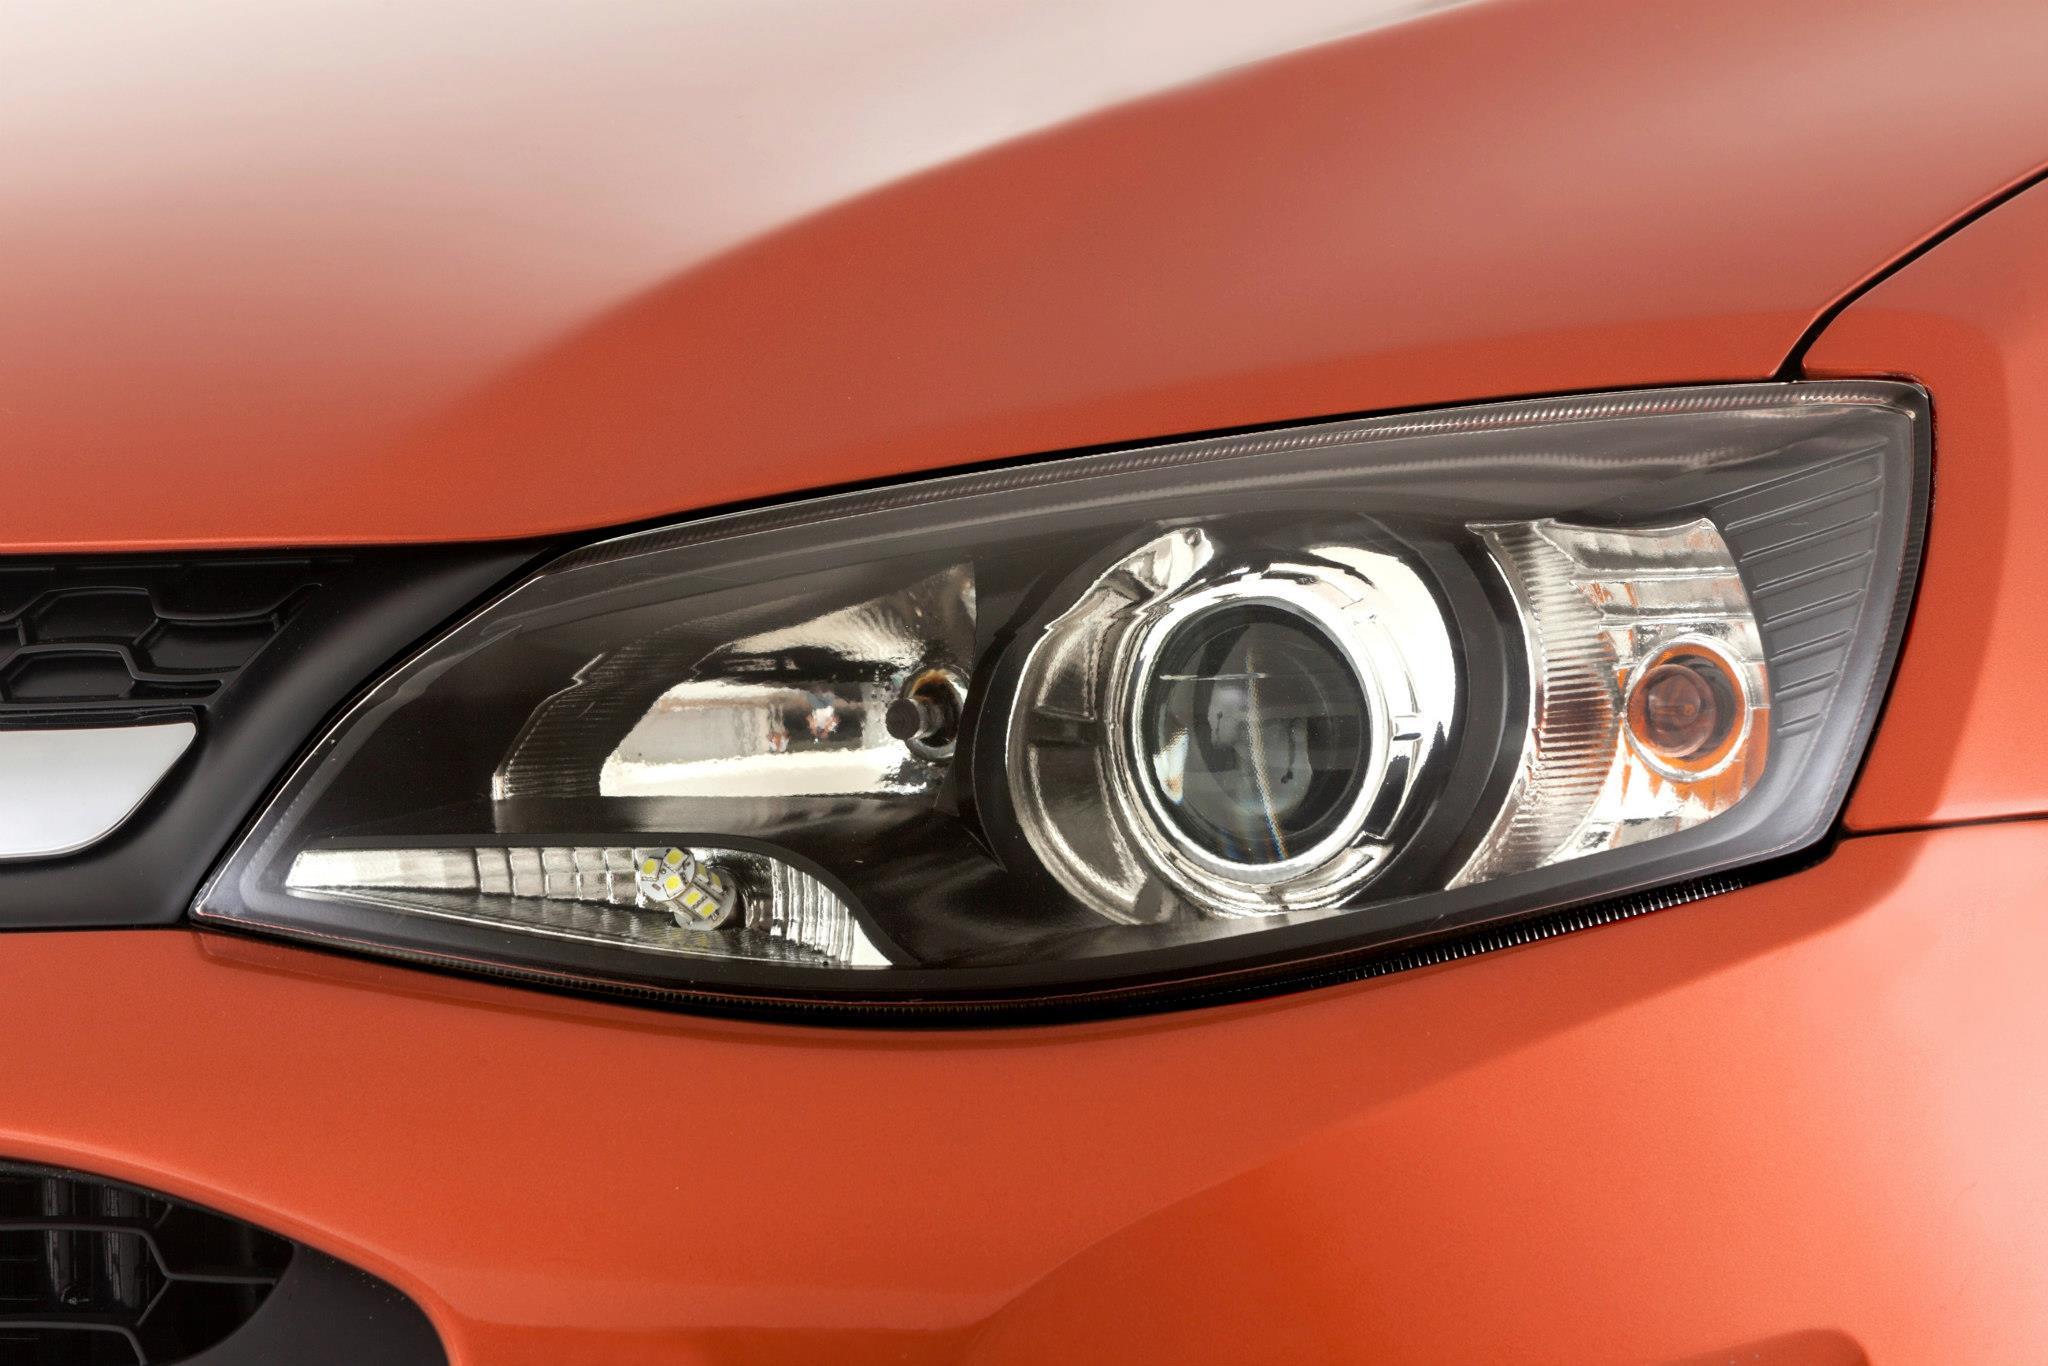 Фотографии Лада Калина 2 поколения кузова хэтчбэк (2013 года) Lada